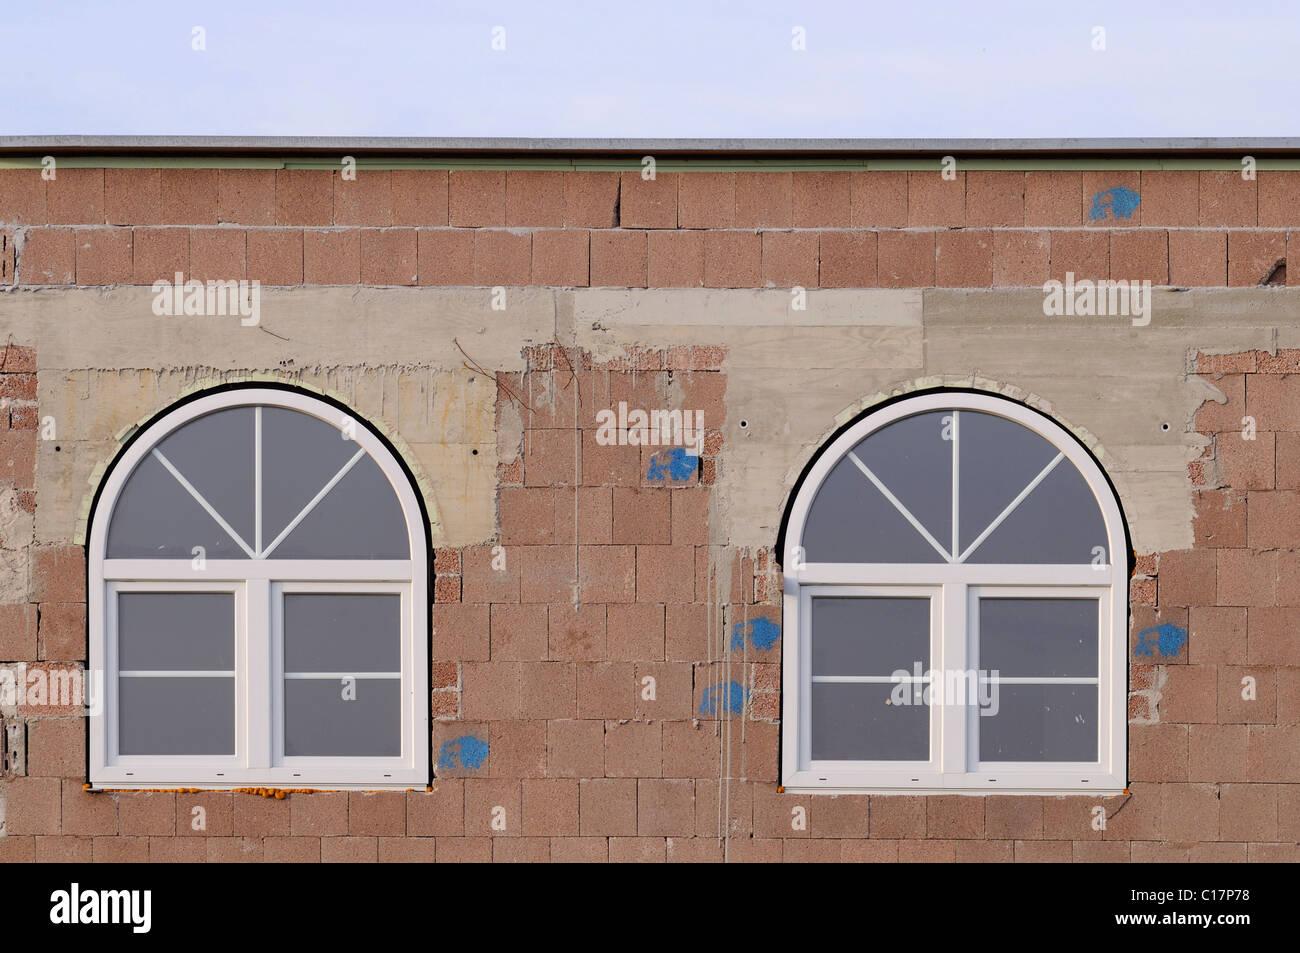 Rohes Mauerwerk mit neu erbaute Runde Bogenfenstern, isolierte Verglasung Stockbild